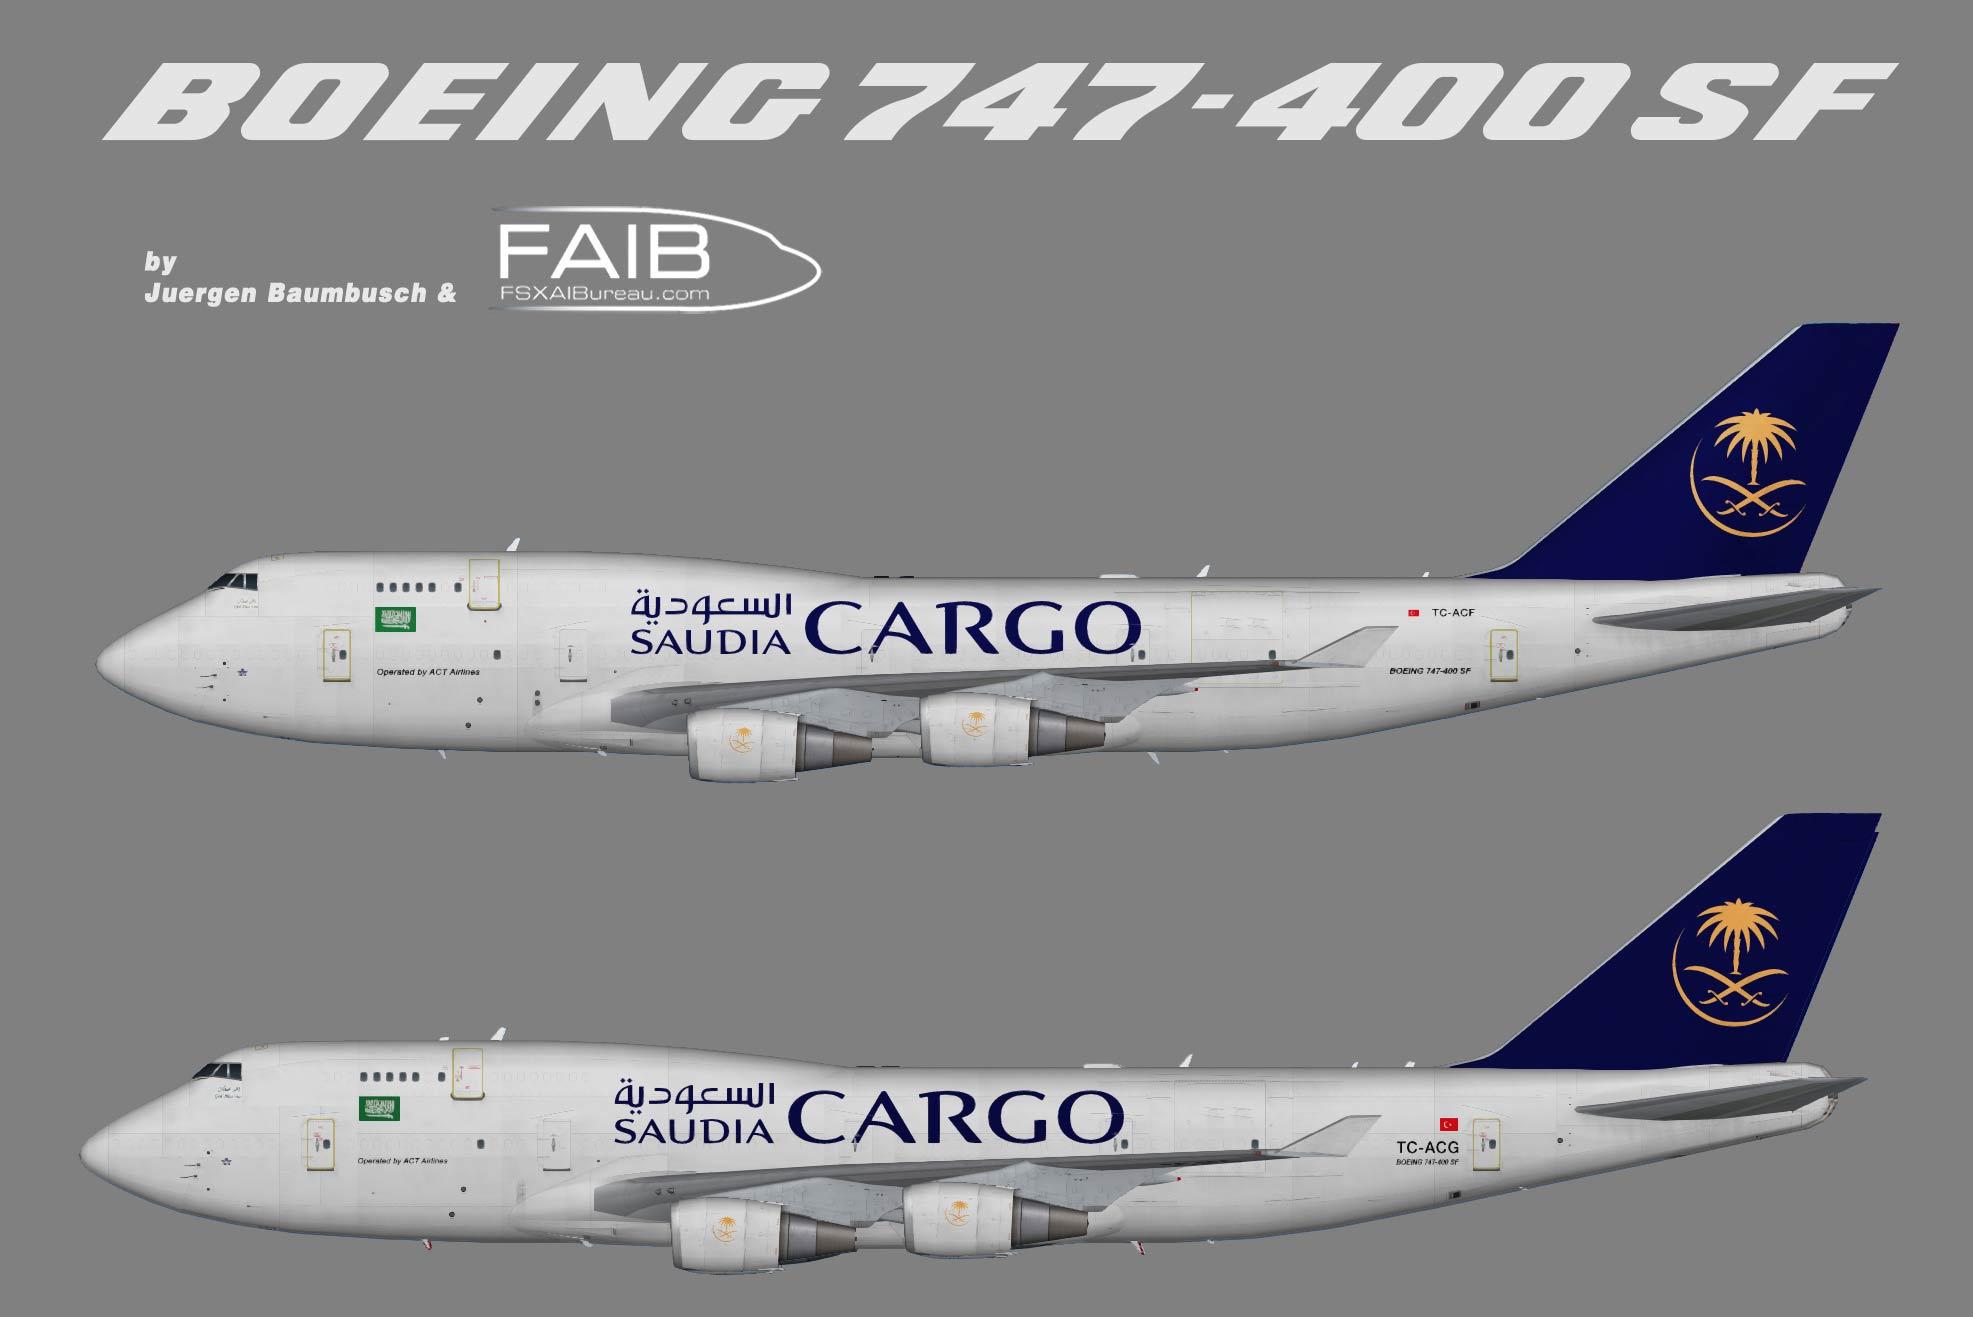 Saudia Cargo Boeing 747-400(BCF)